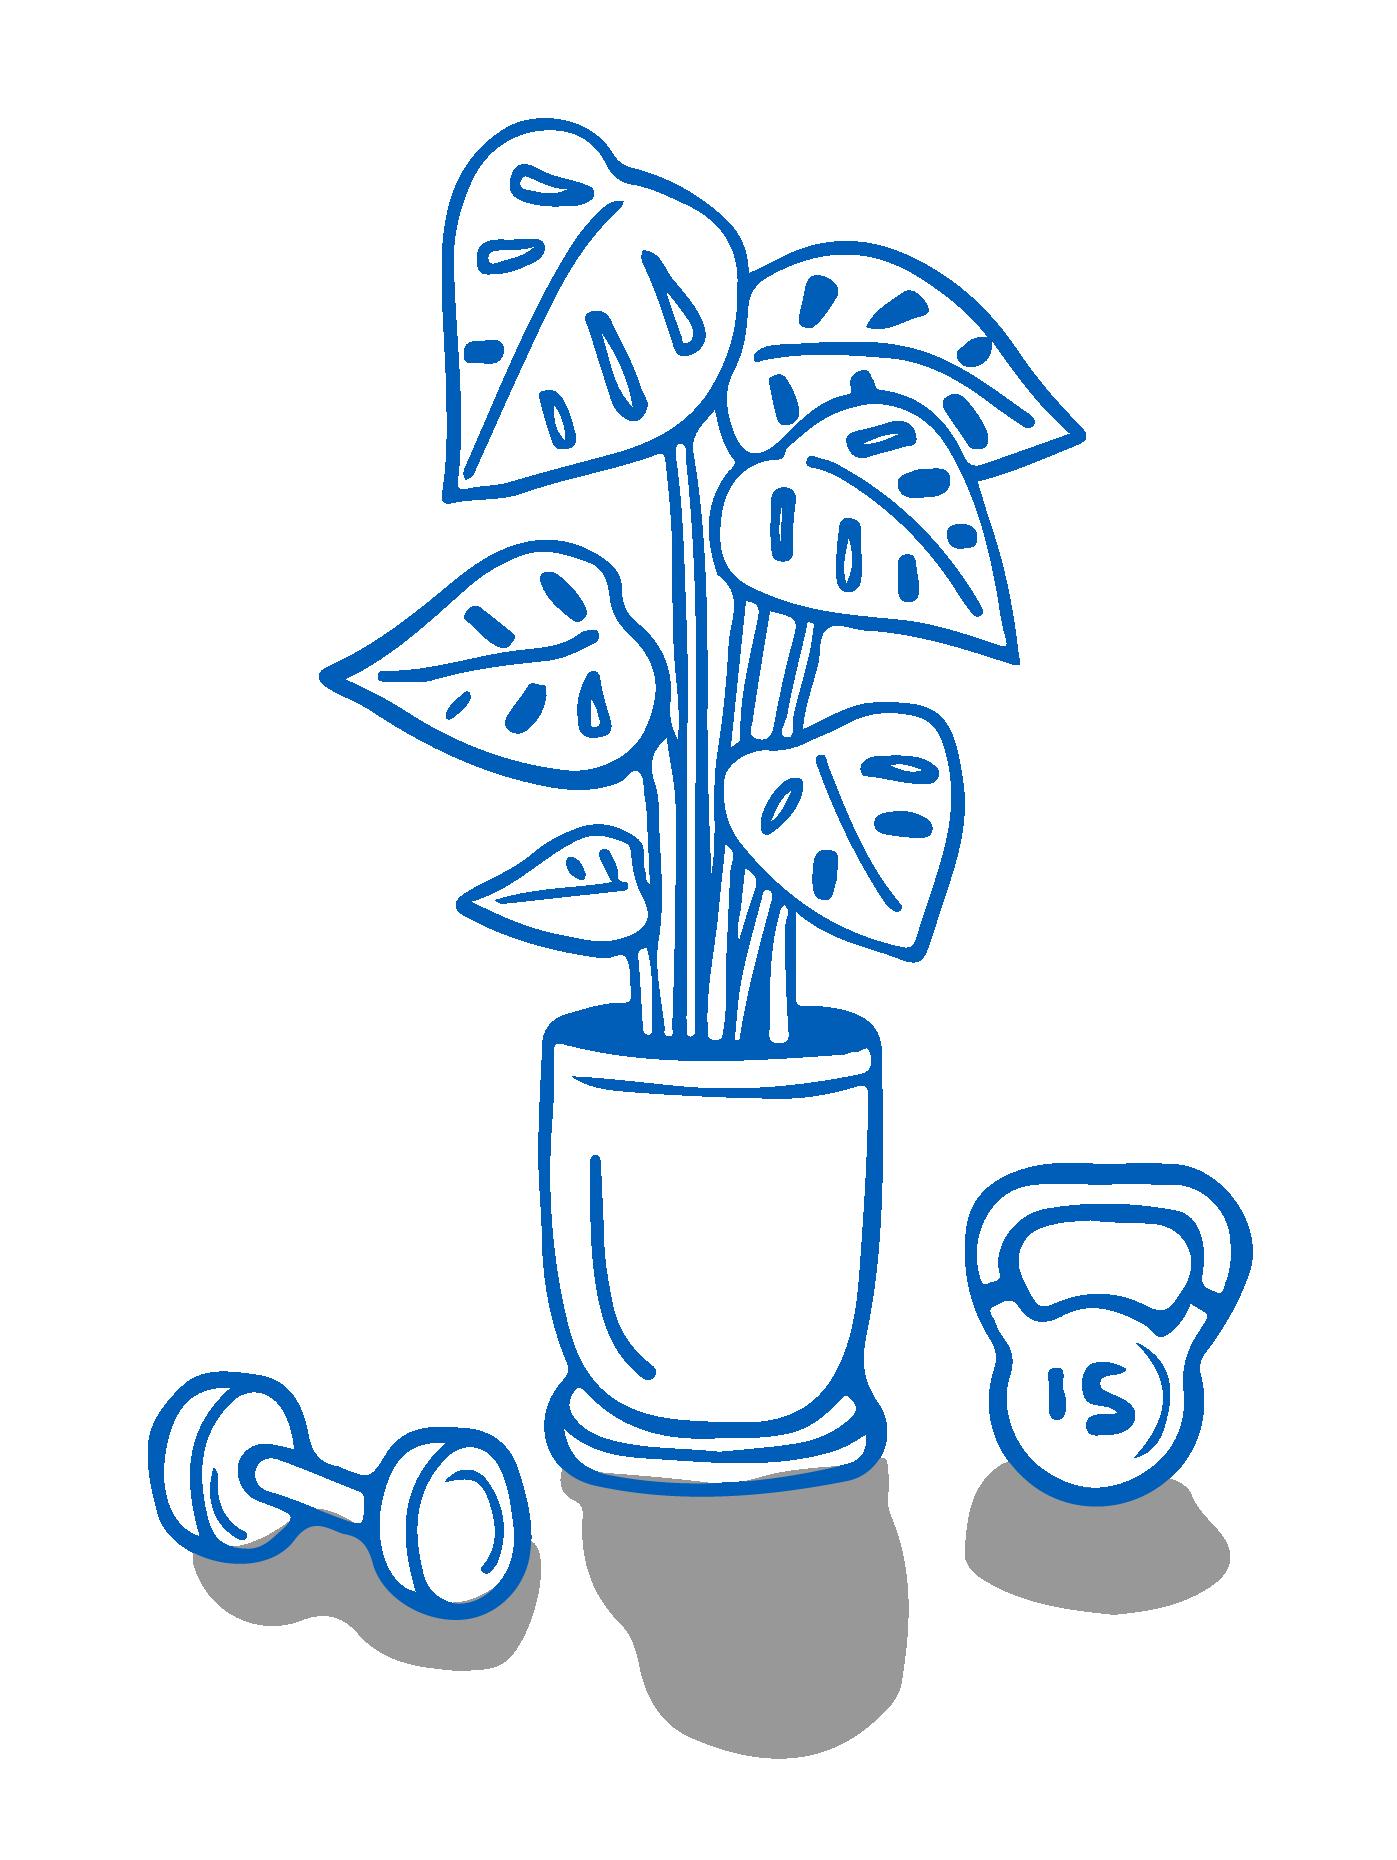 Eine Zimmerpflanze steht auf dem Boden zwischen einer Hantel und einer Kugelhantel.